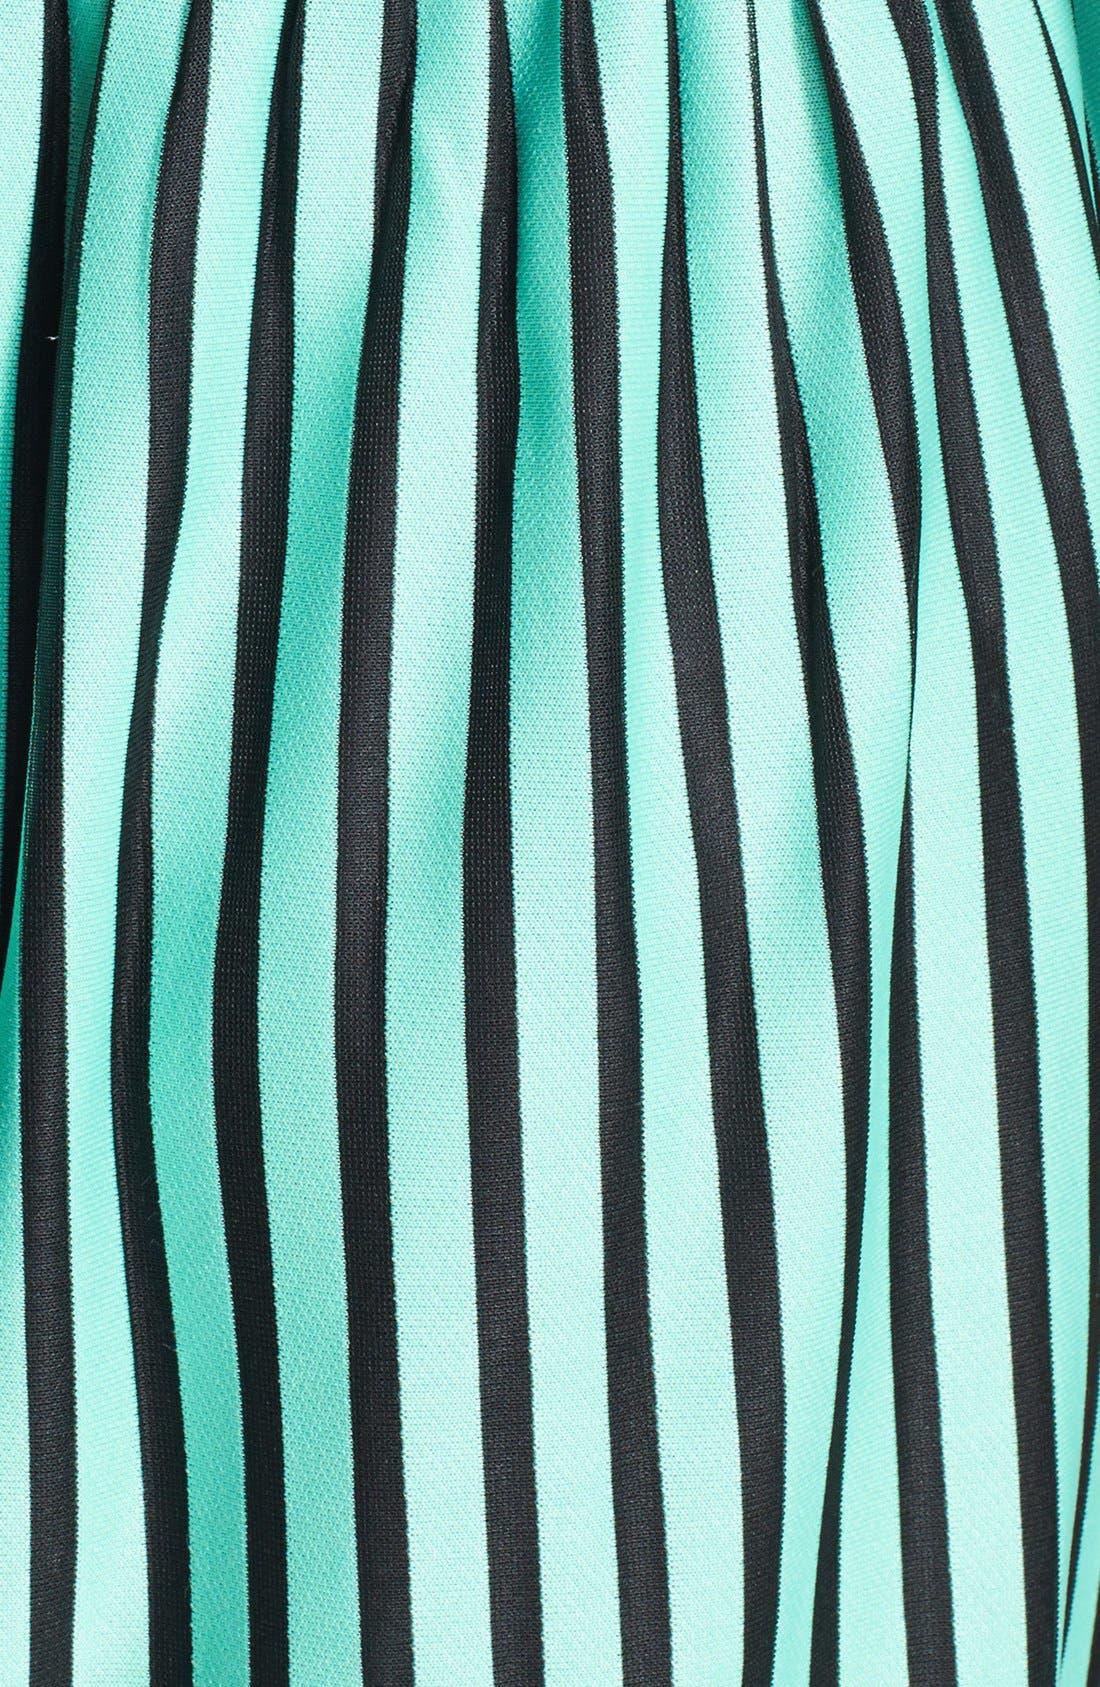 Alternate Image 3  - Everly Stripe Skater Dress (Juniors)